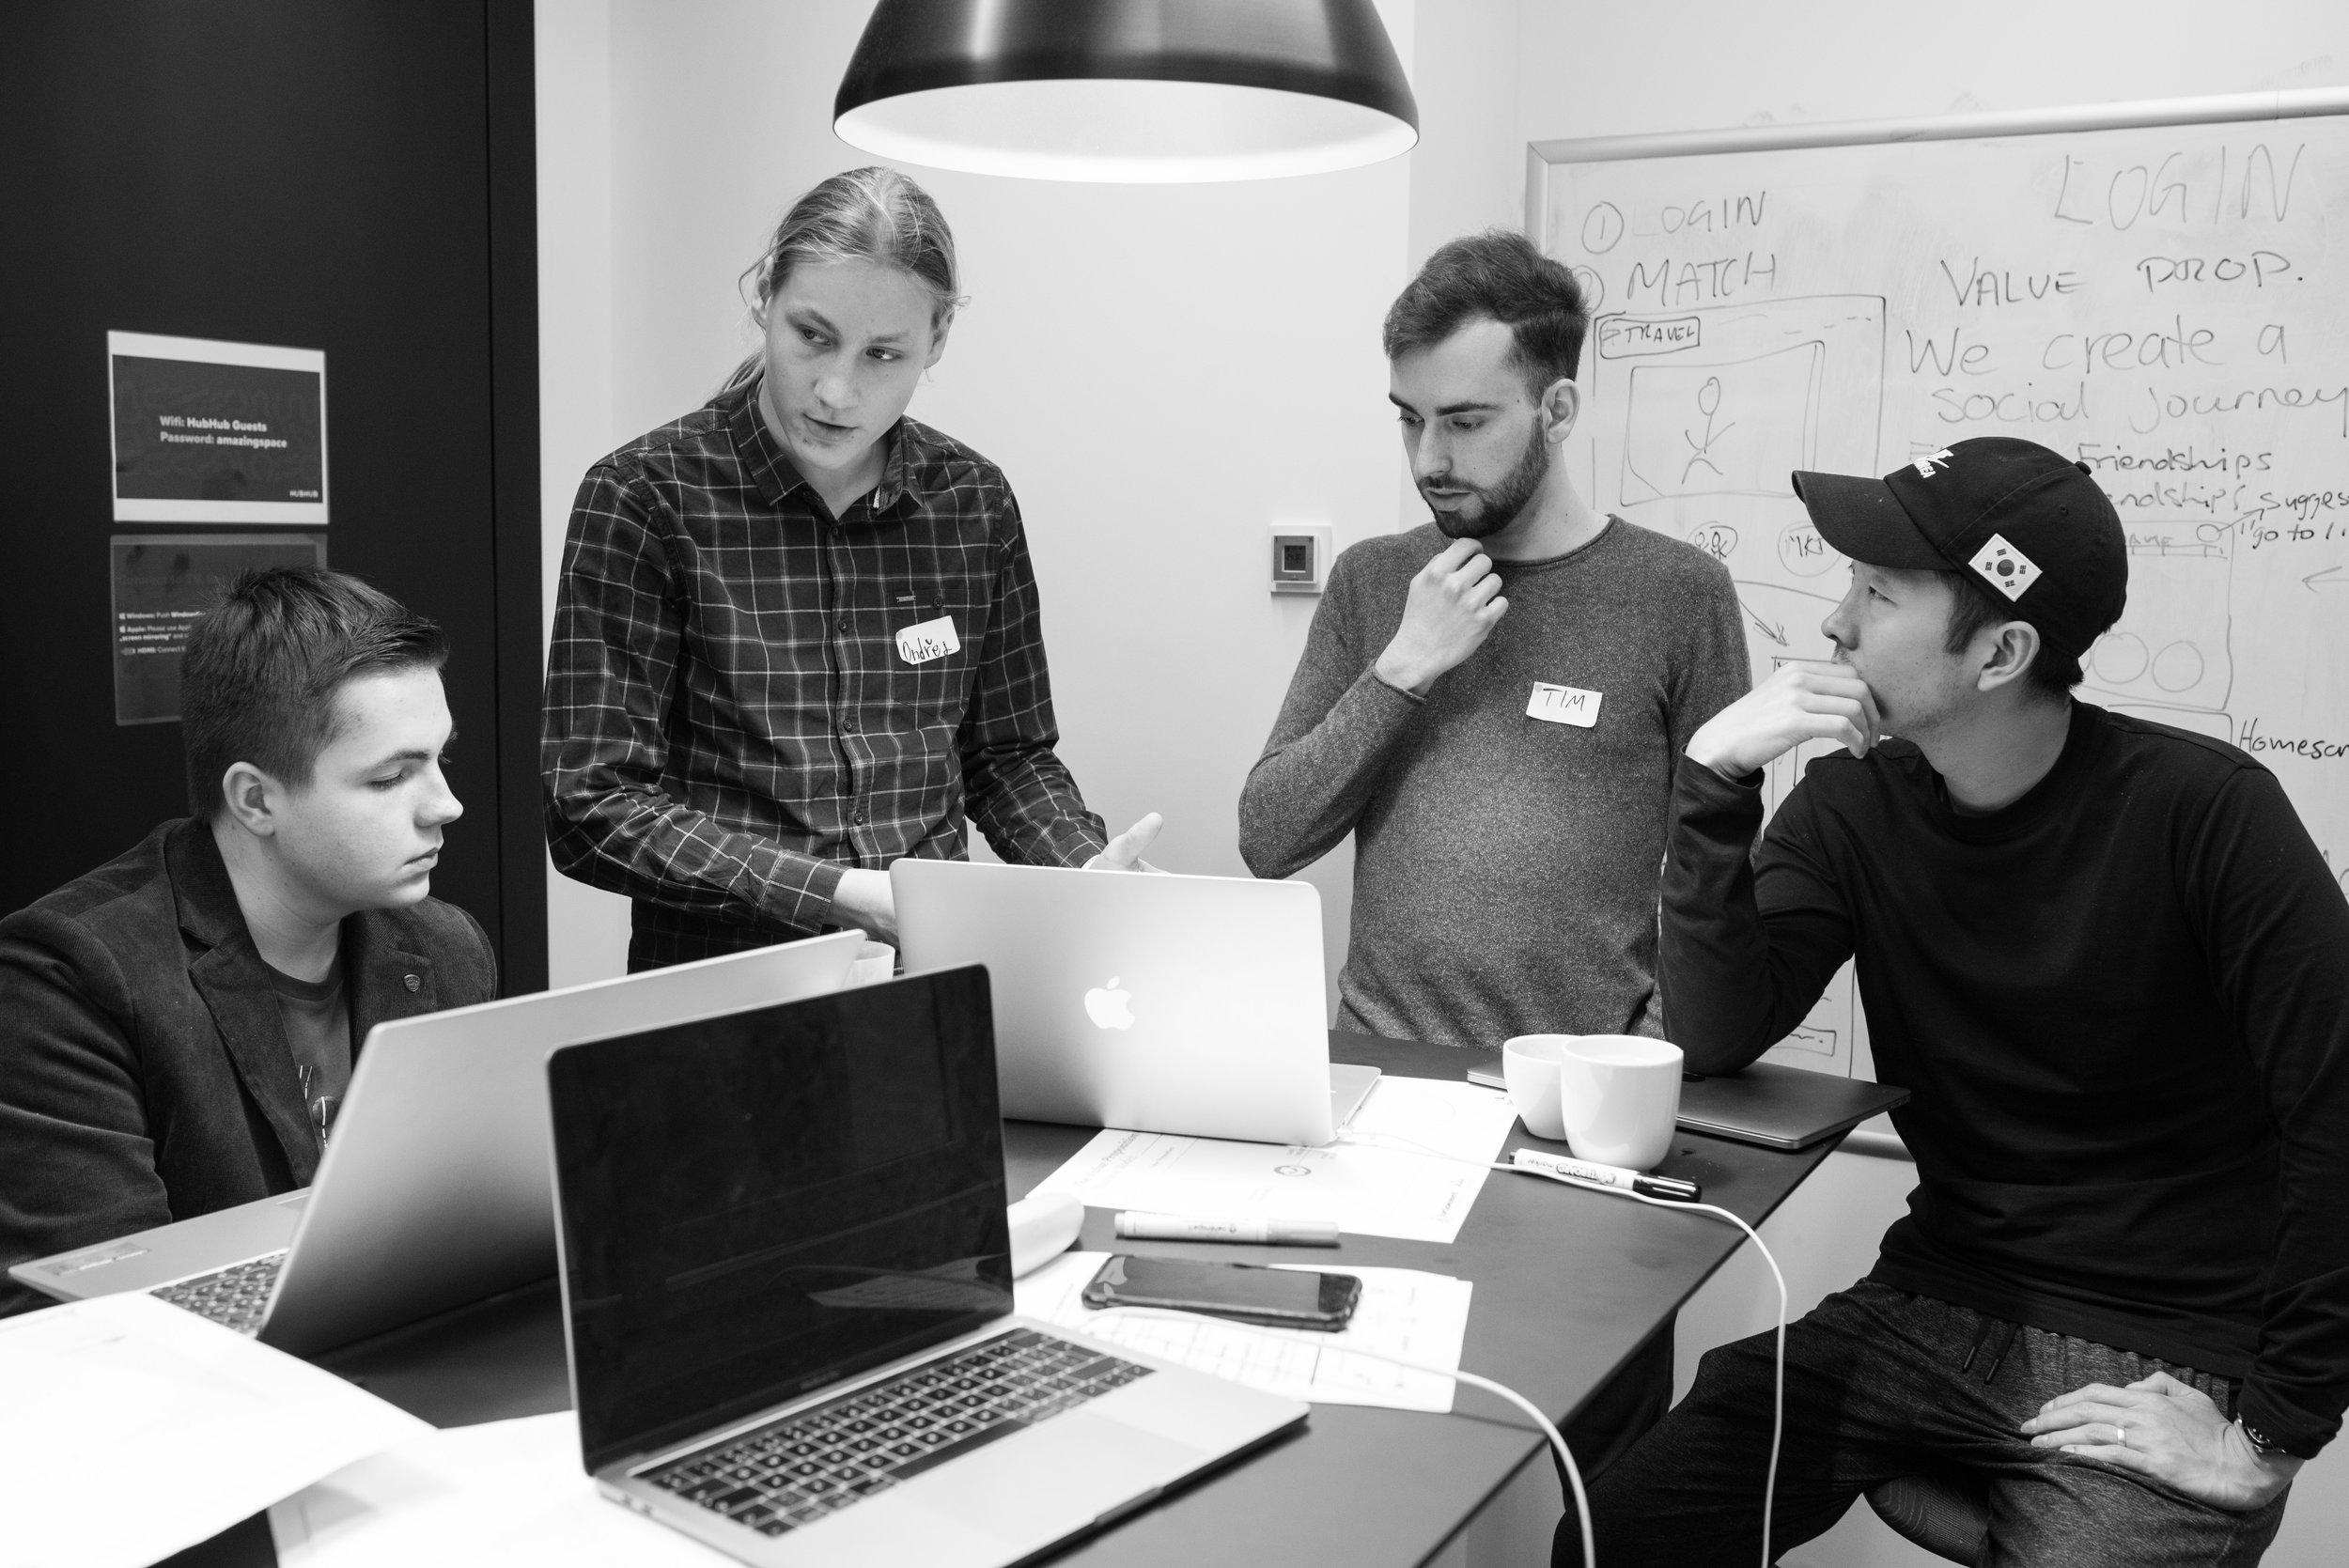 Photo of focused team members taken during Startup Weekend in Prague by Tatiana Shalunova.jpg